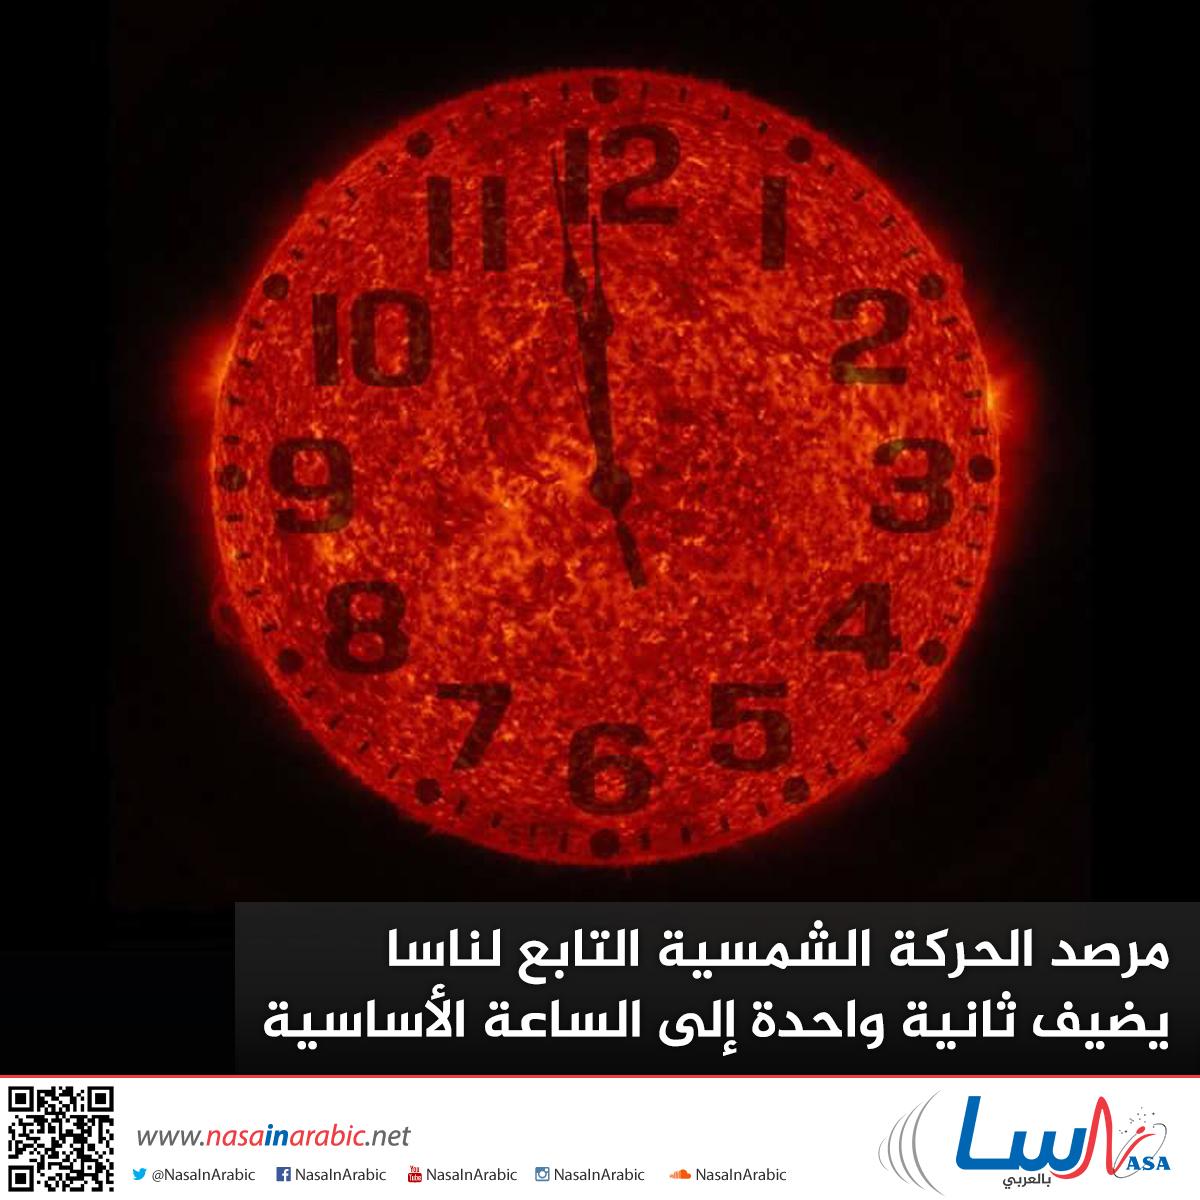 مرصد الحركة الشمسية لتابع لناسا يضيف ثانية واحدة إلى الساعة الأساسية